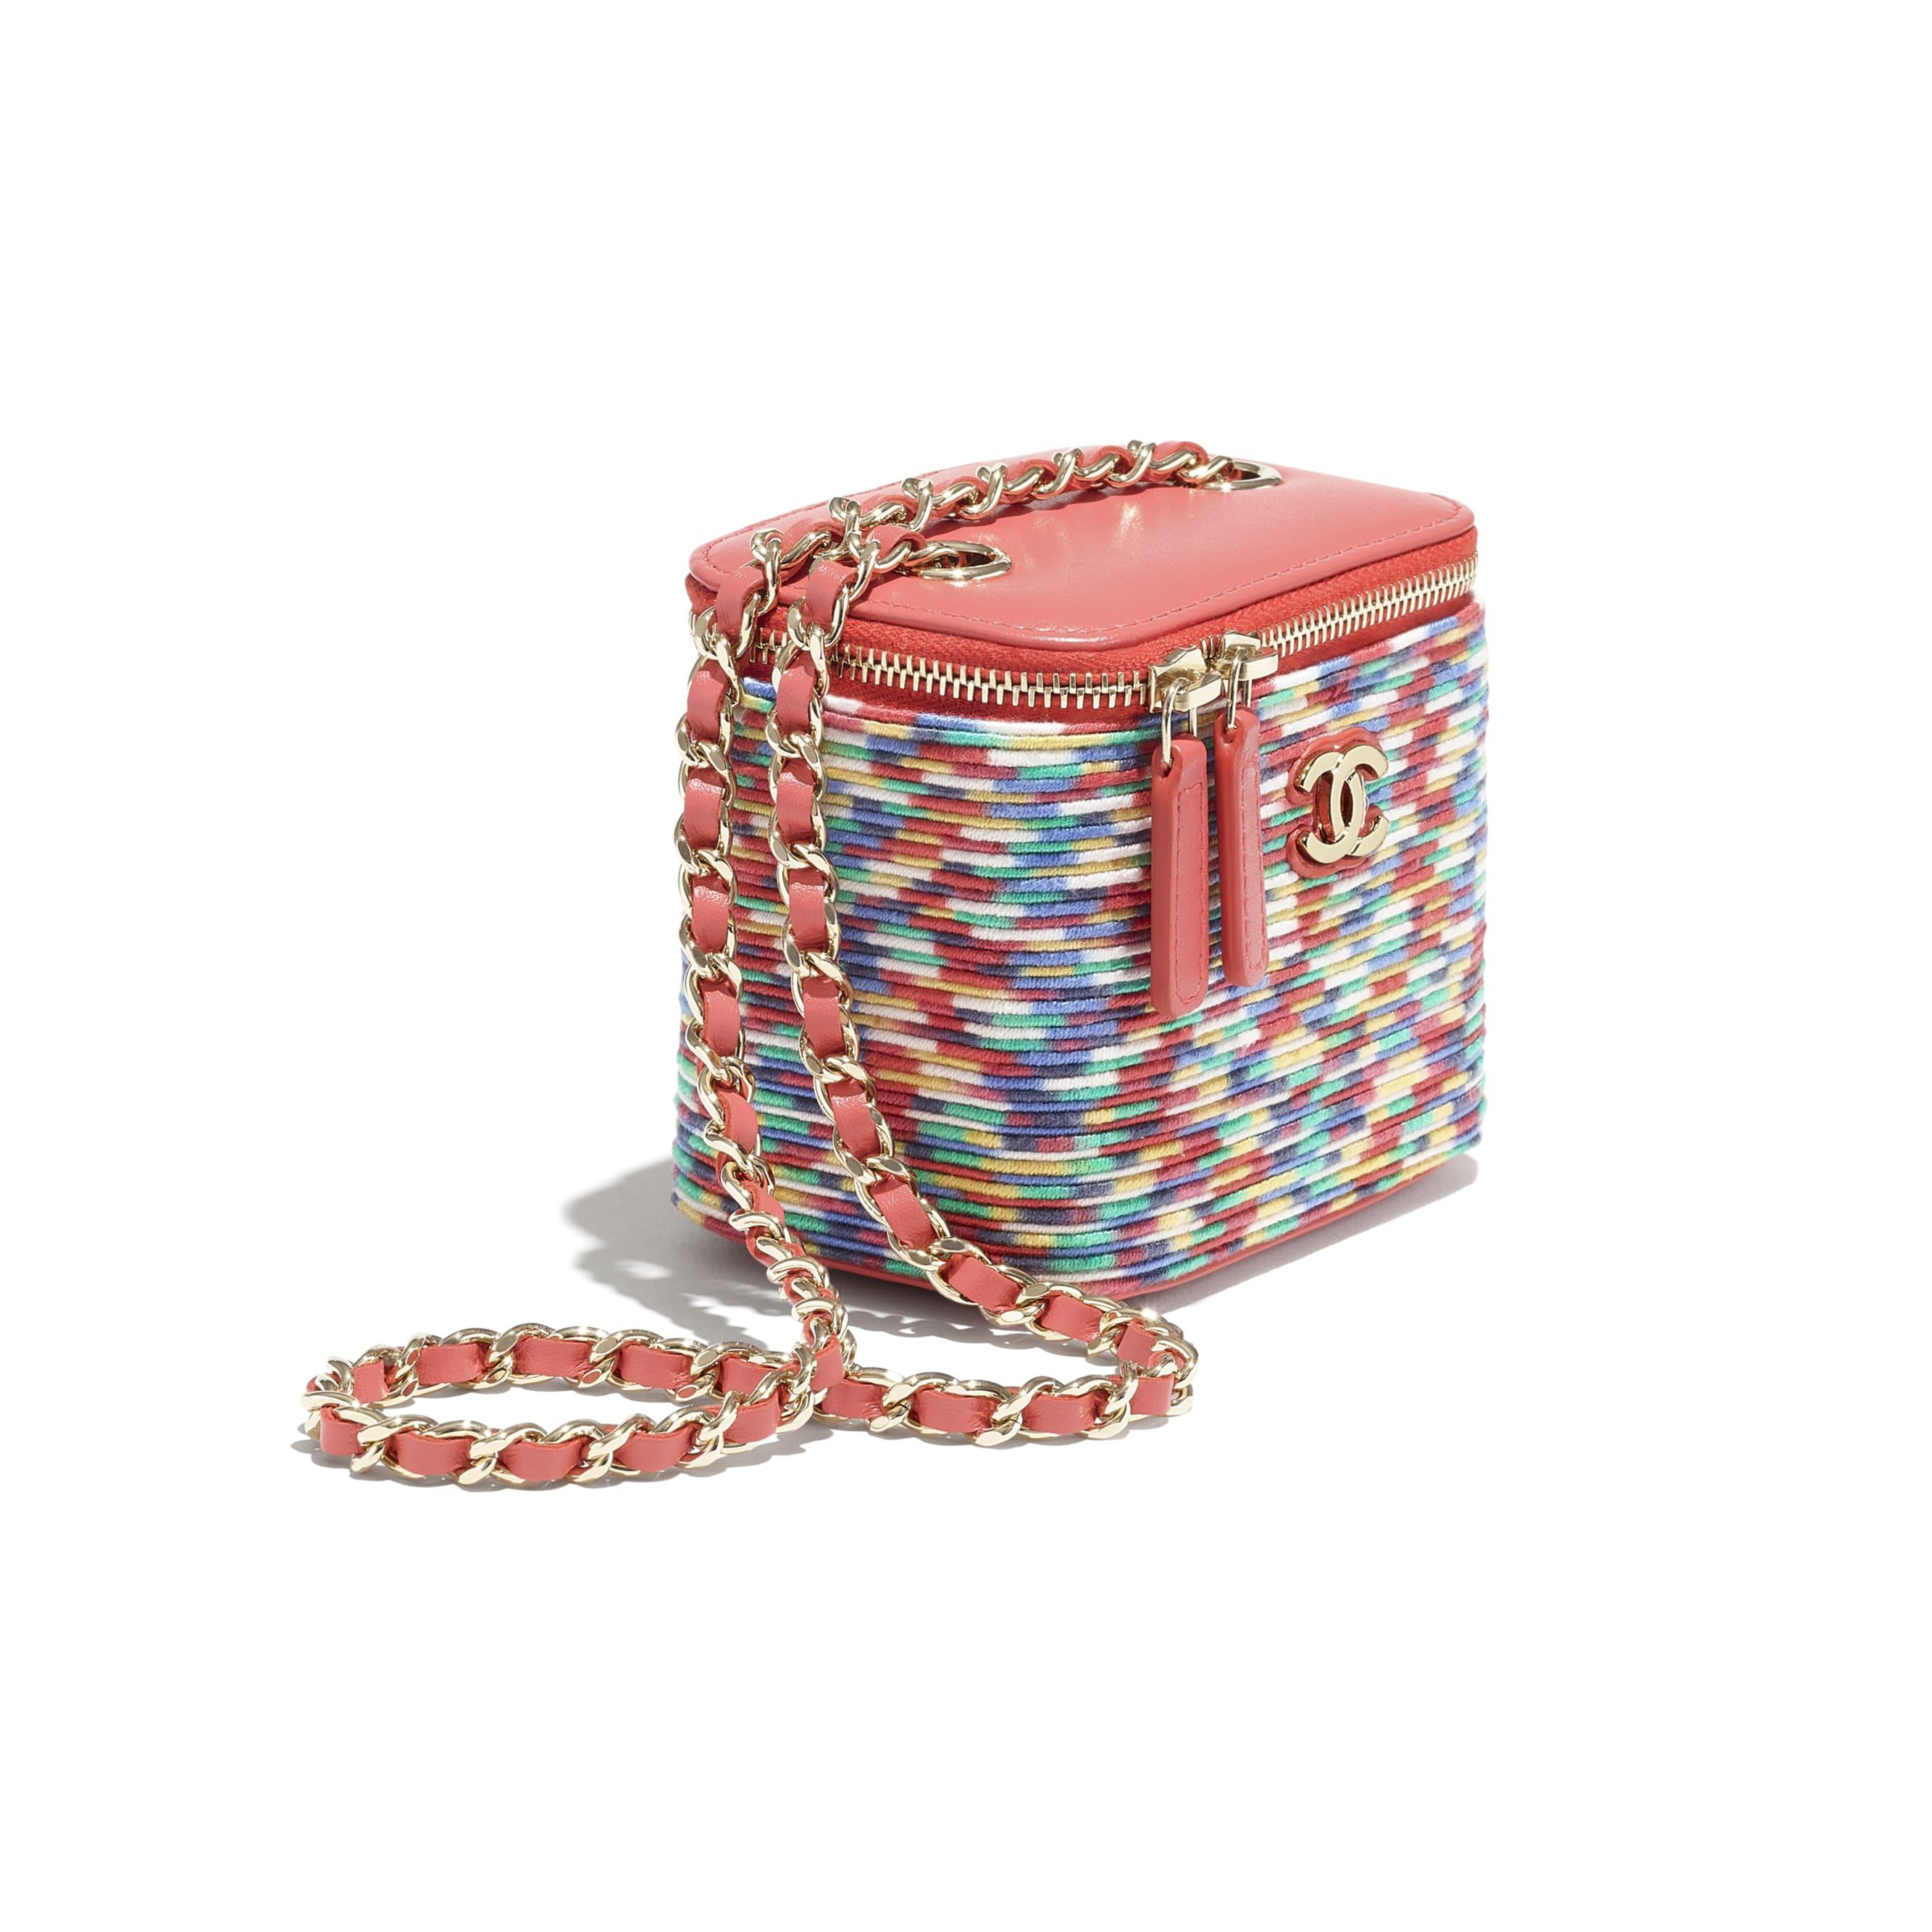 小型鍊子化妝包 - 多色 - Embroidered Thread & Gold-Tone Metal - CHANEL - 額外視圖 - 查看標準尺寸版本